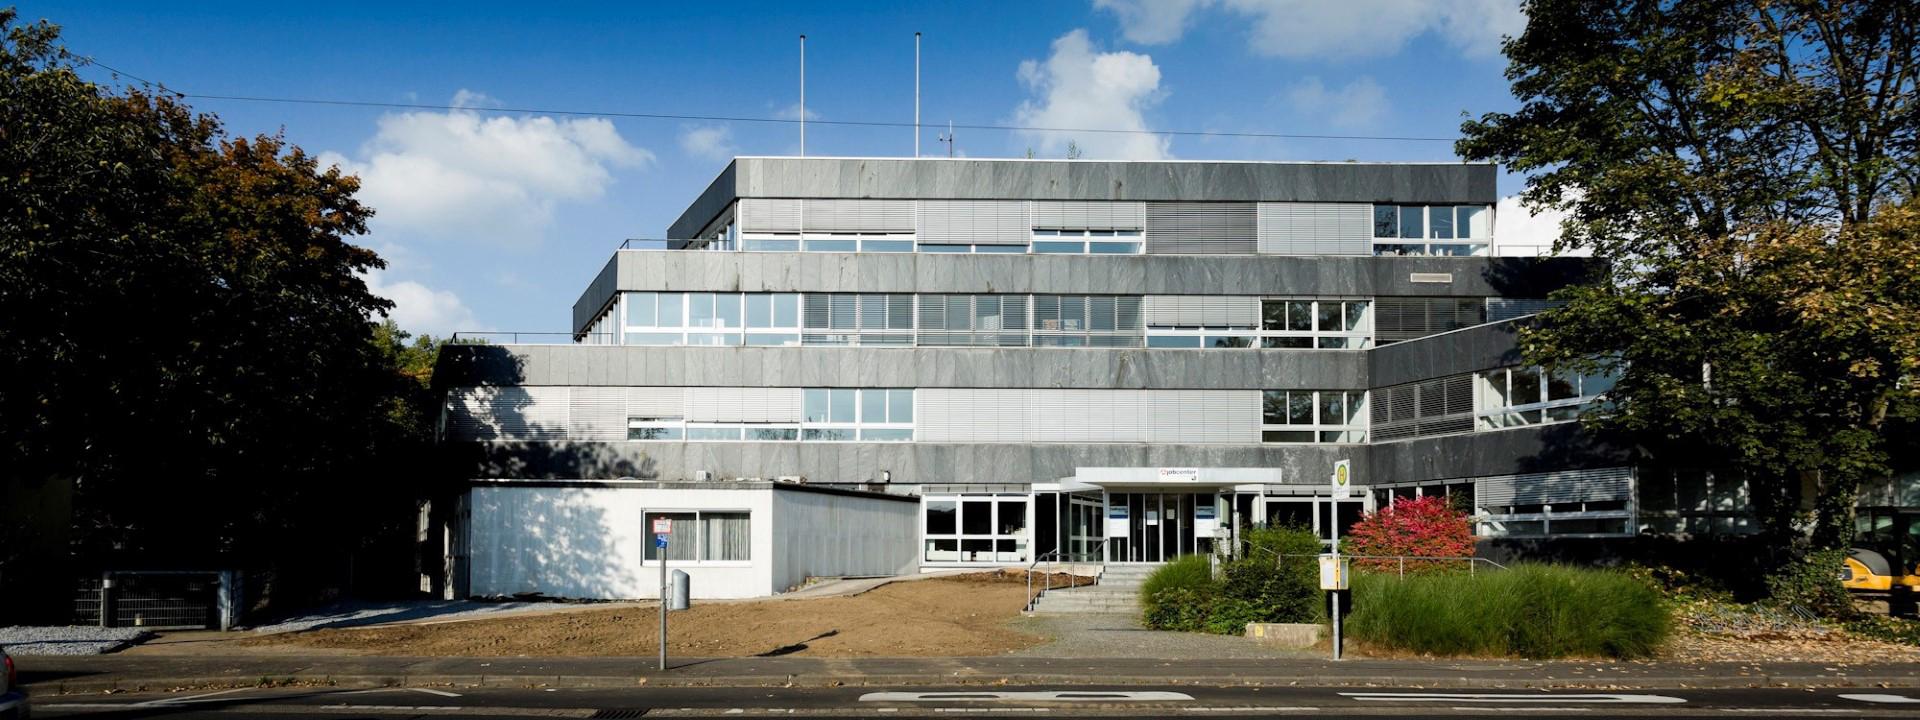 Das Bild zeigt das Gebäude des jobcenters rhein-sieg Geschäftsstelle Siegburg